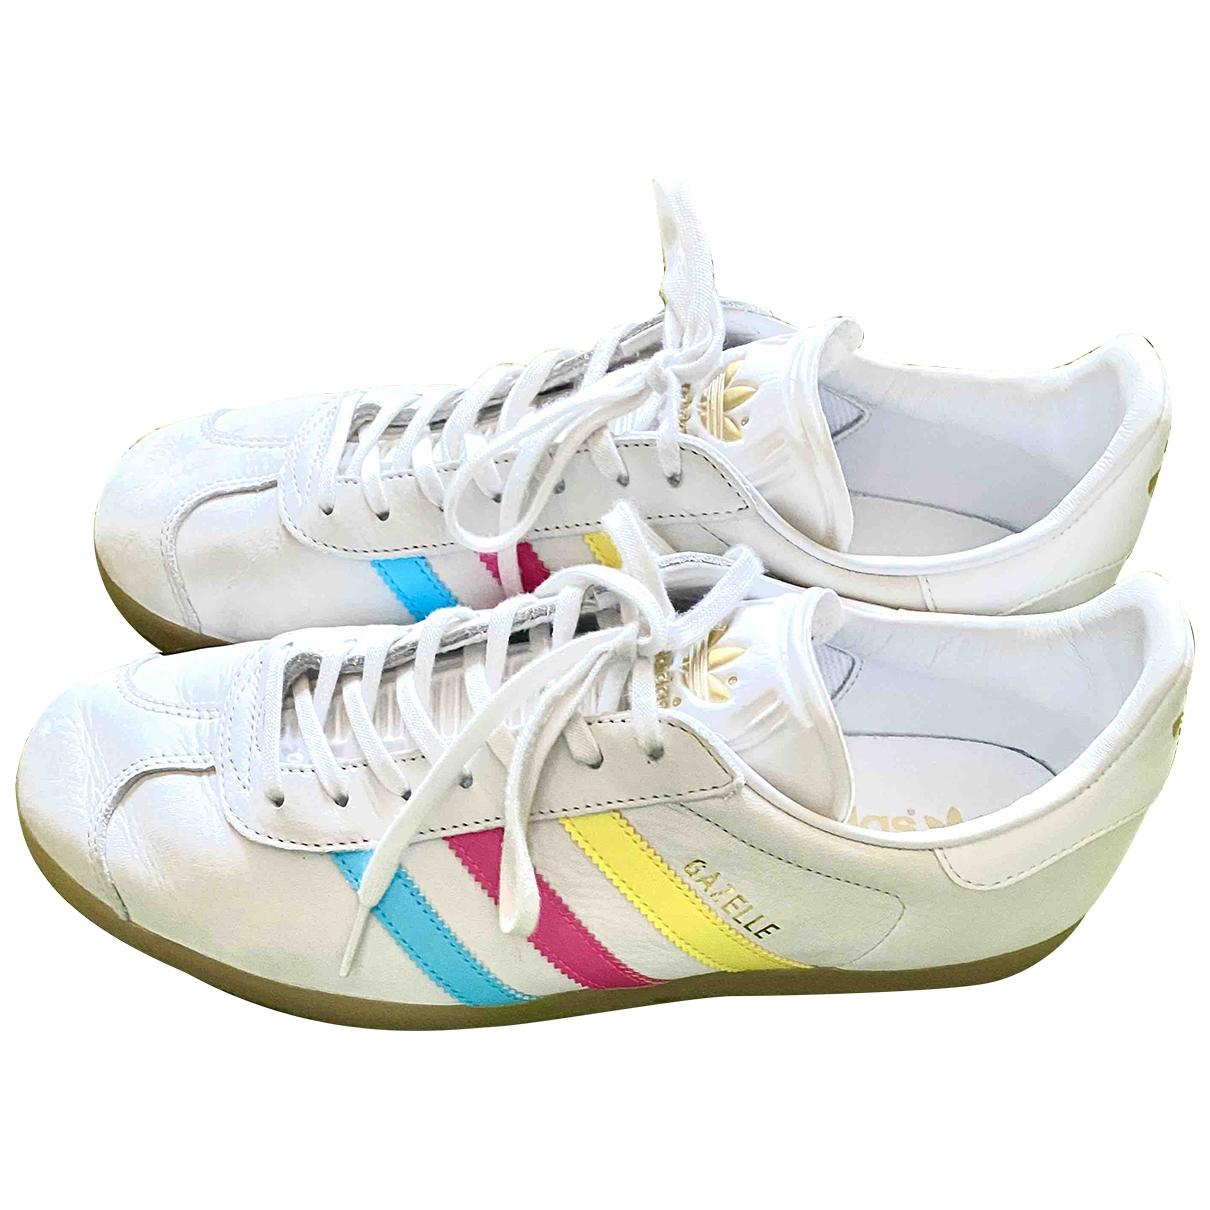 Adidas - Baskets Gazelle pour homme en suede - blanc